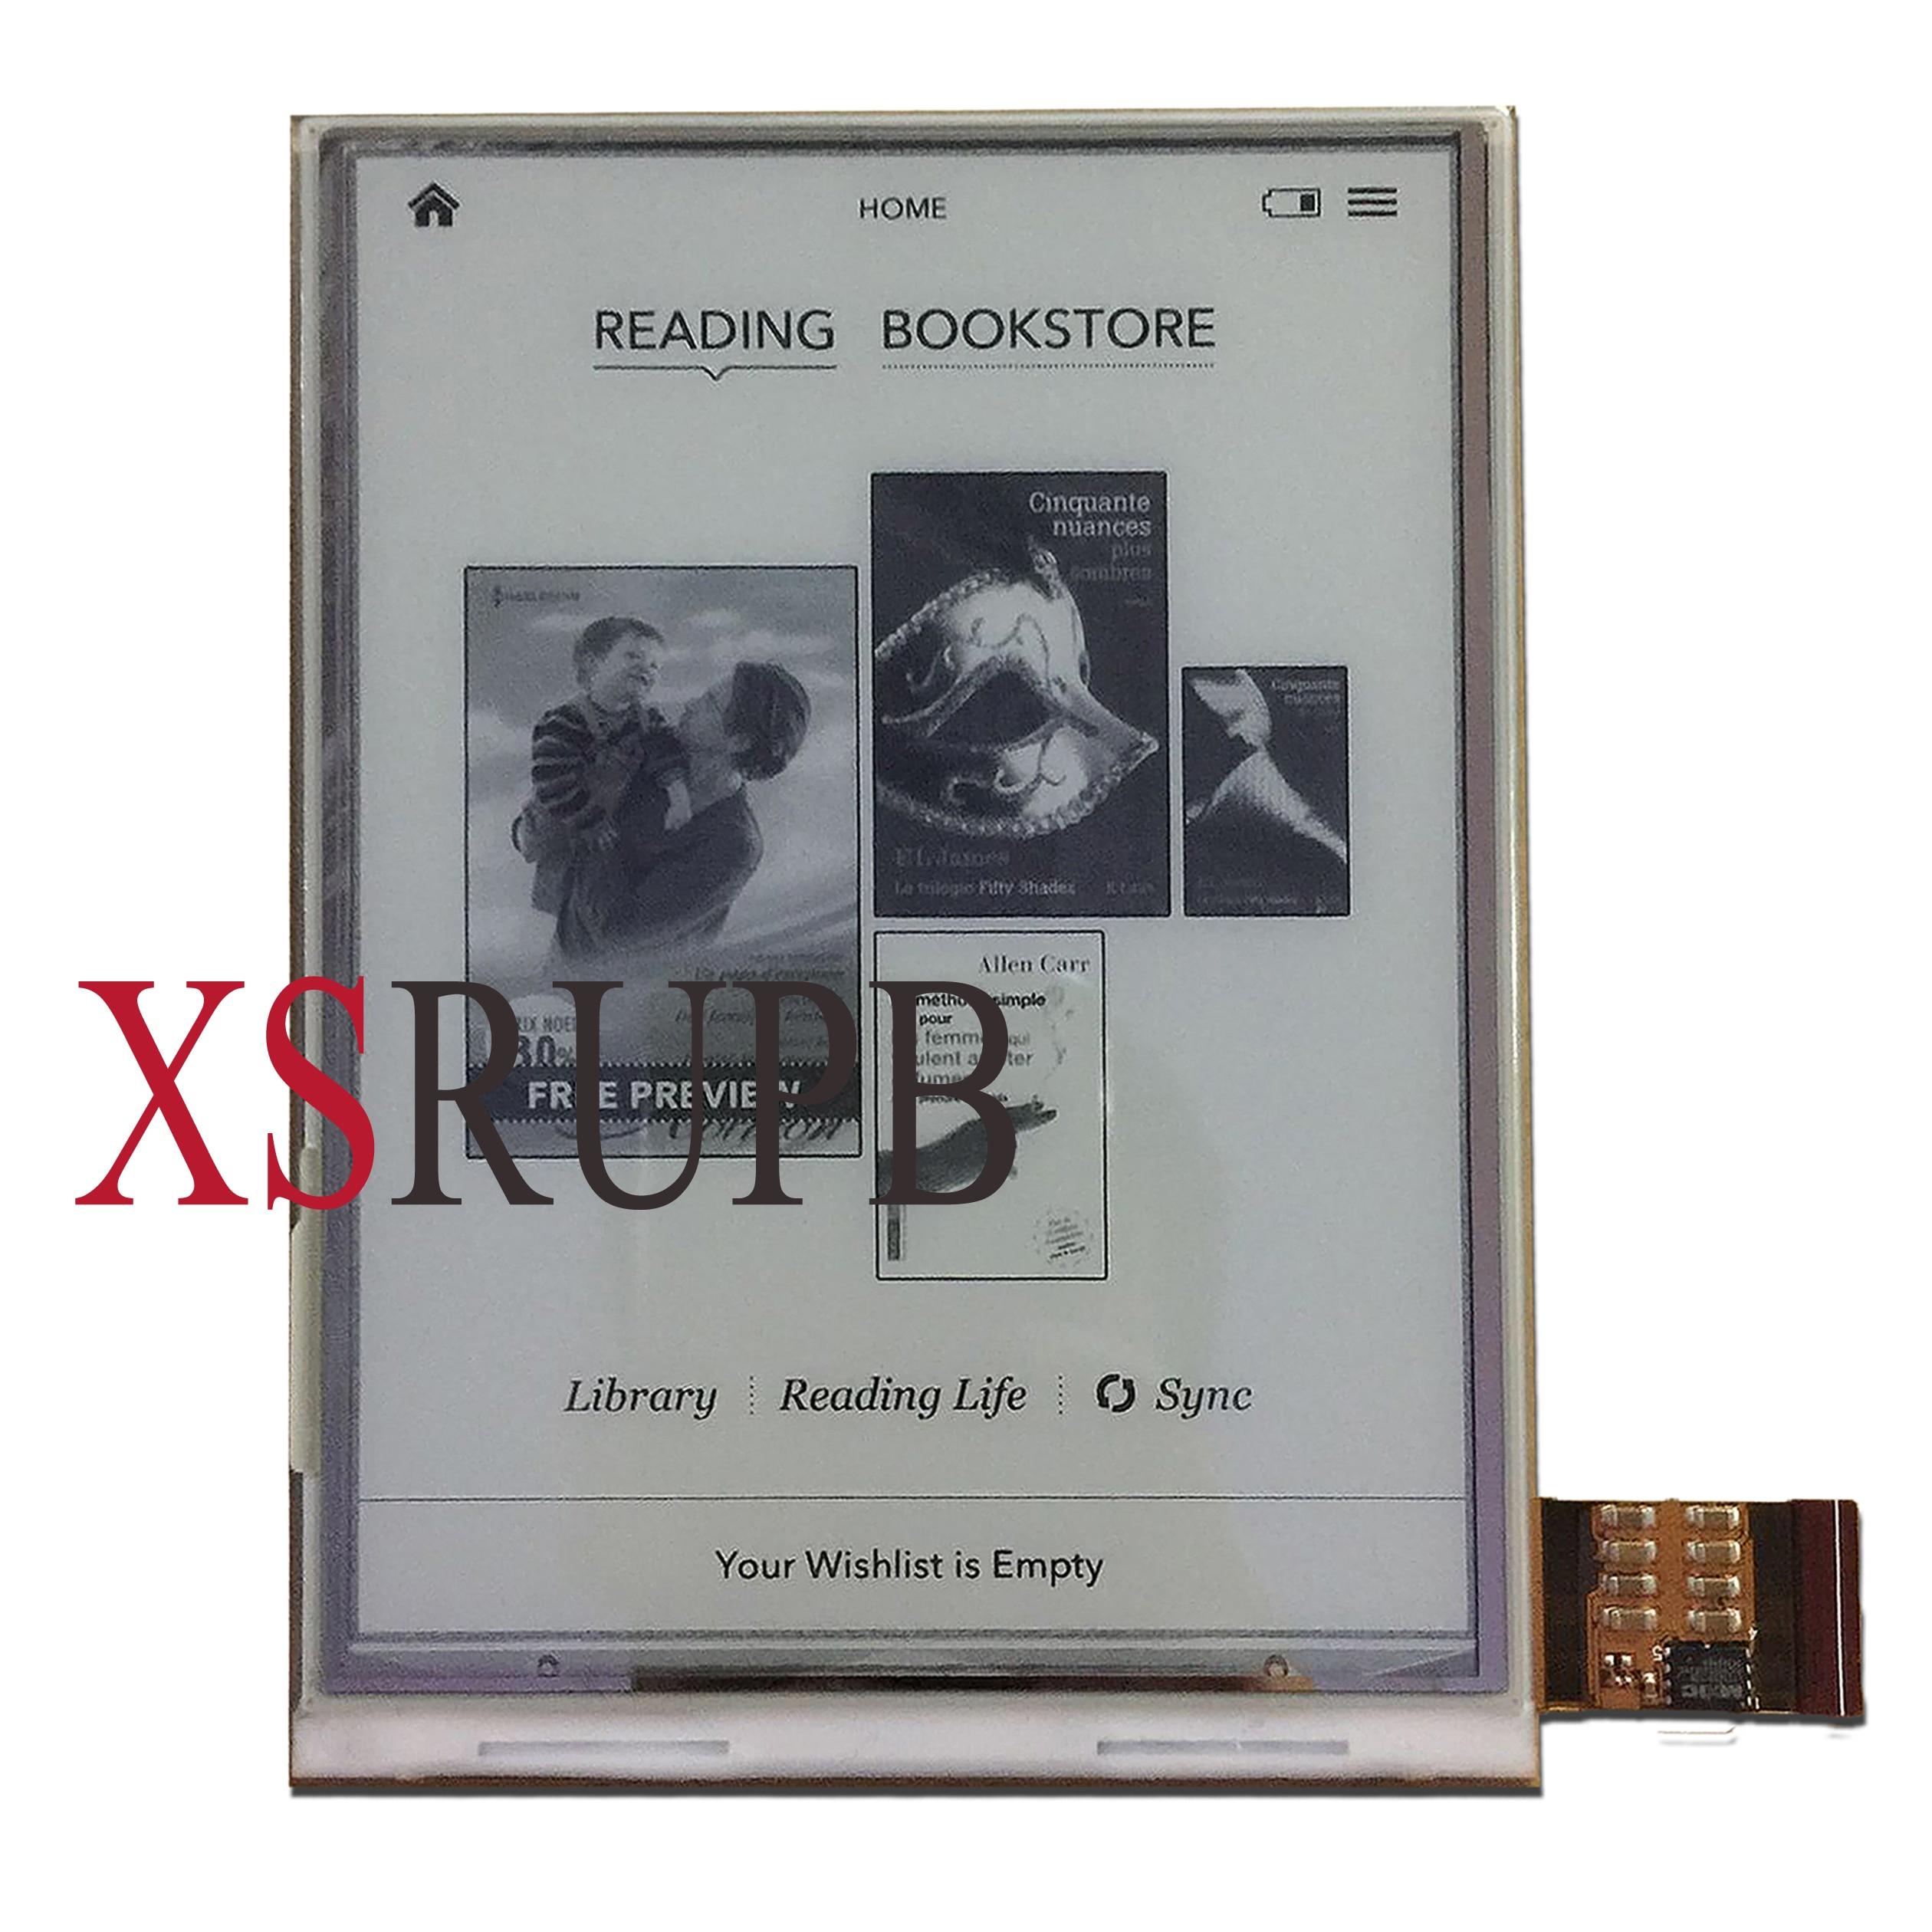 6 pulgadas 758*1024 HD LCD sin luz para roverbook alpha e-libro lector de pantalla